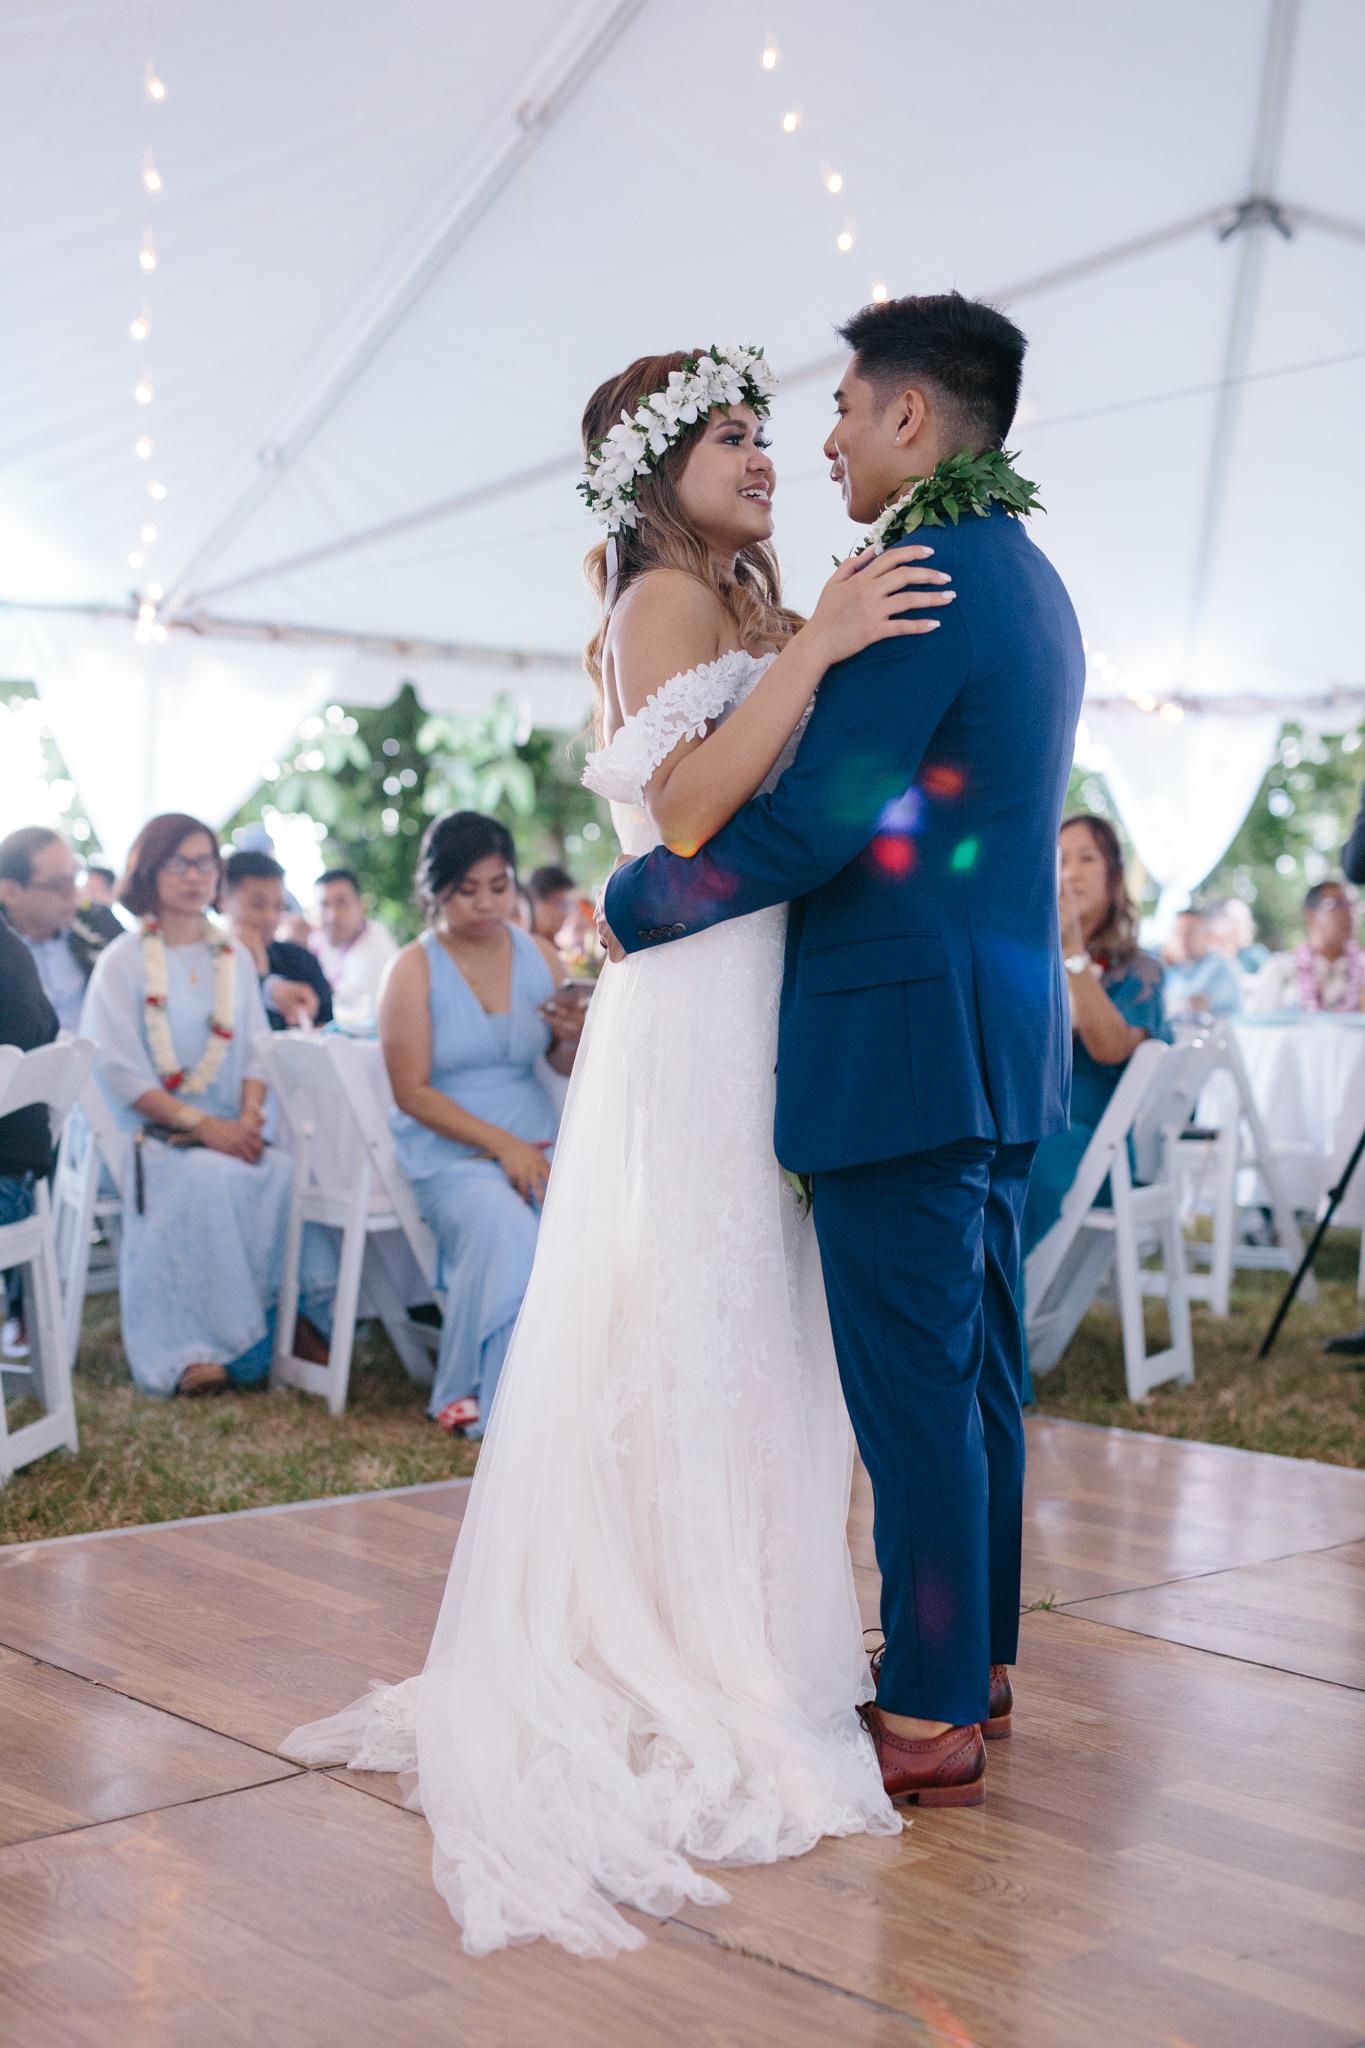 kualoa_ranch_wedding_photography_tone_hawaii-79.jpg